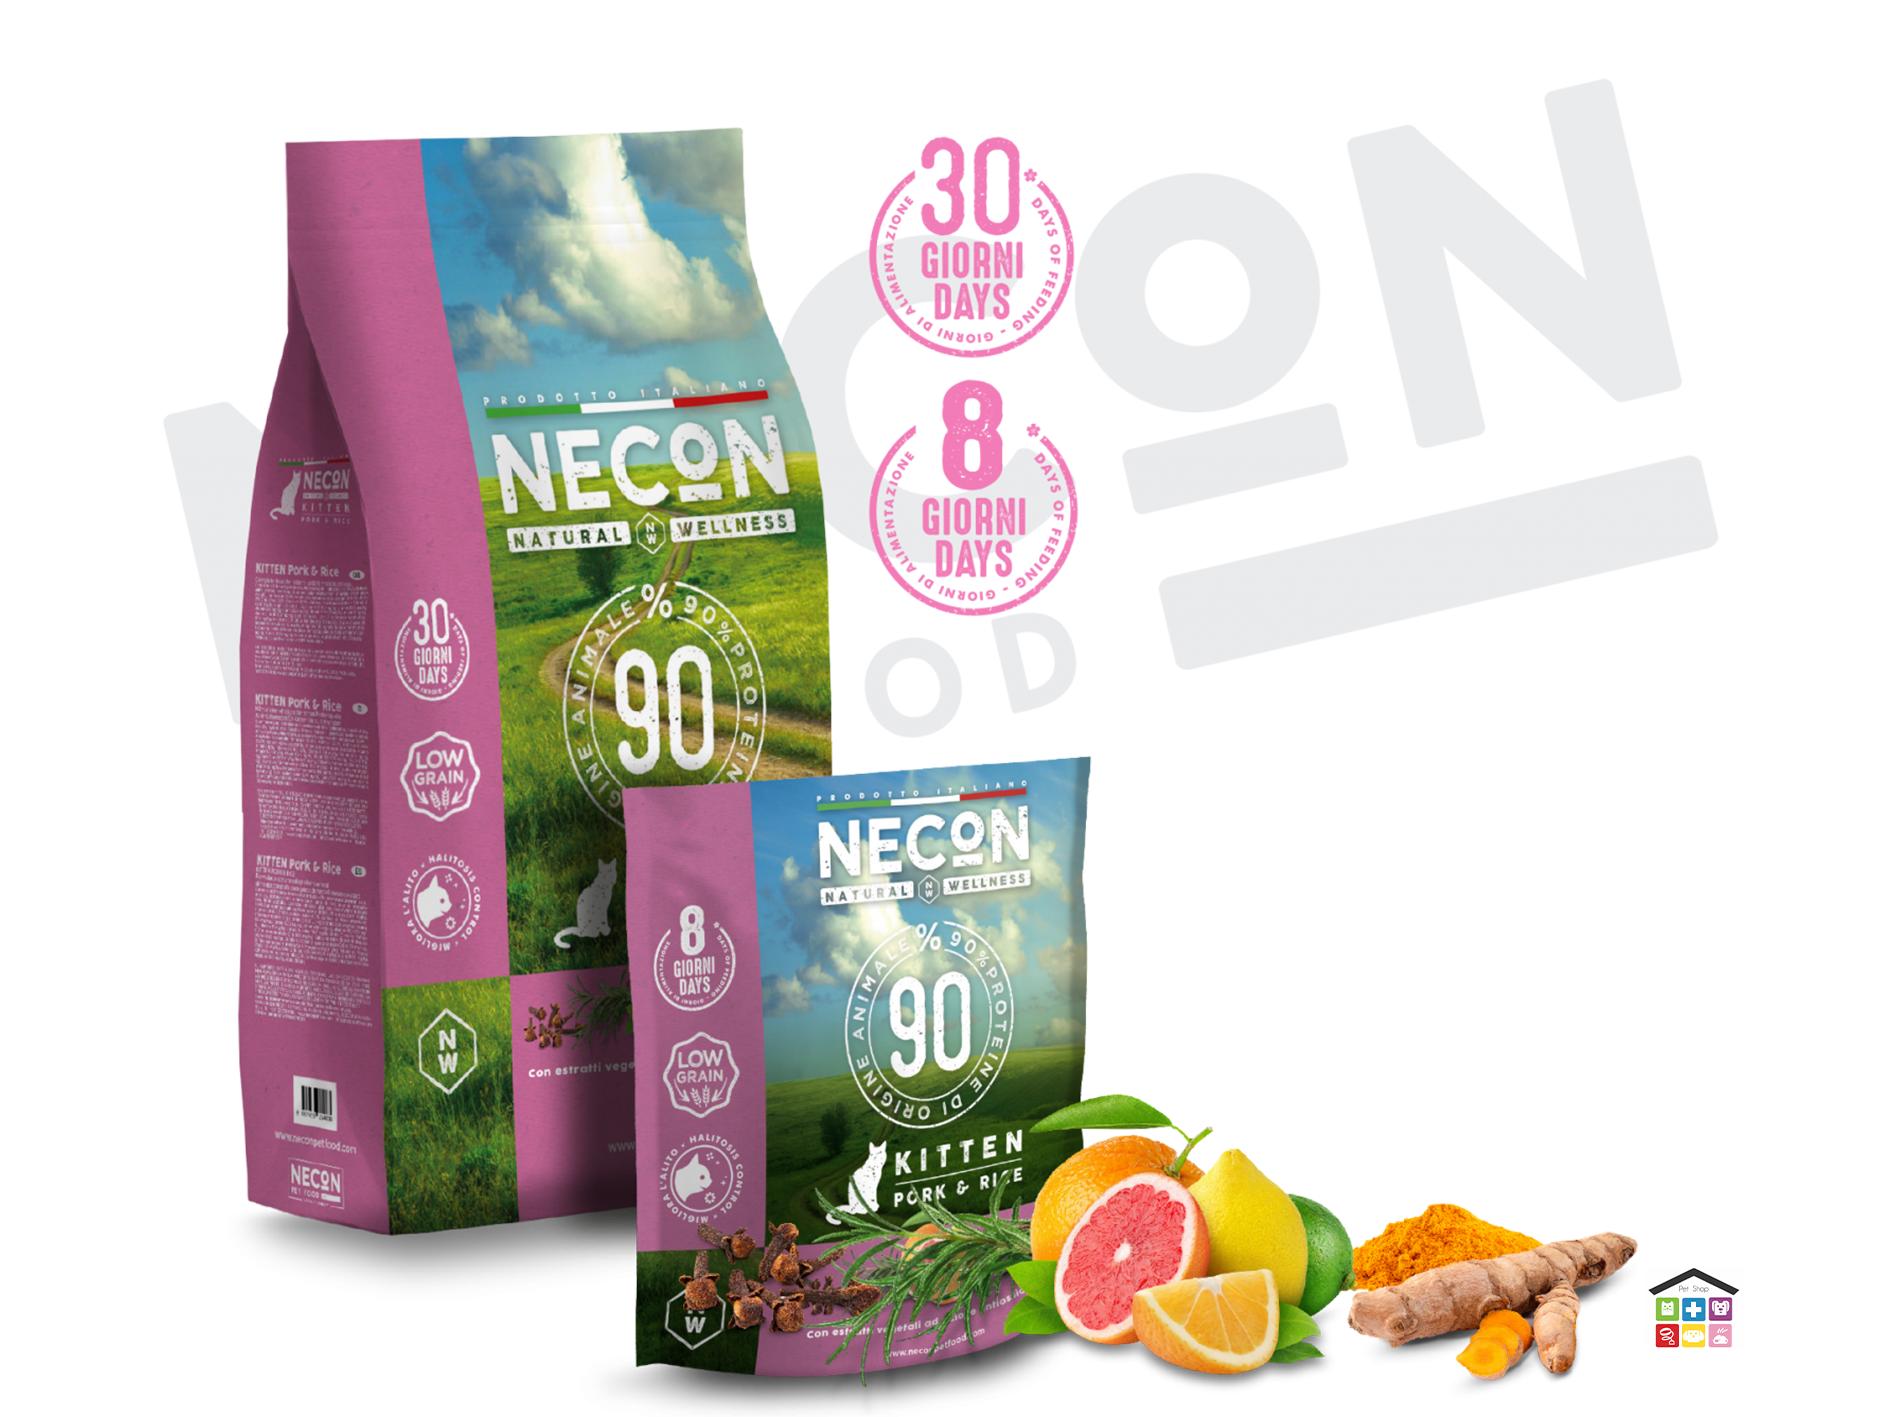 Necon pork and rice kitten 0.400/1.5 kg